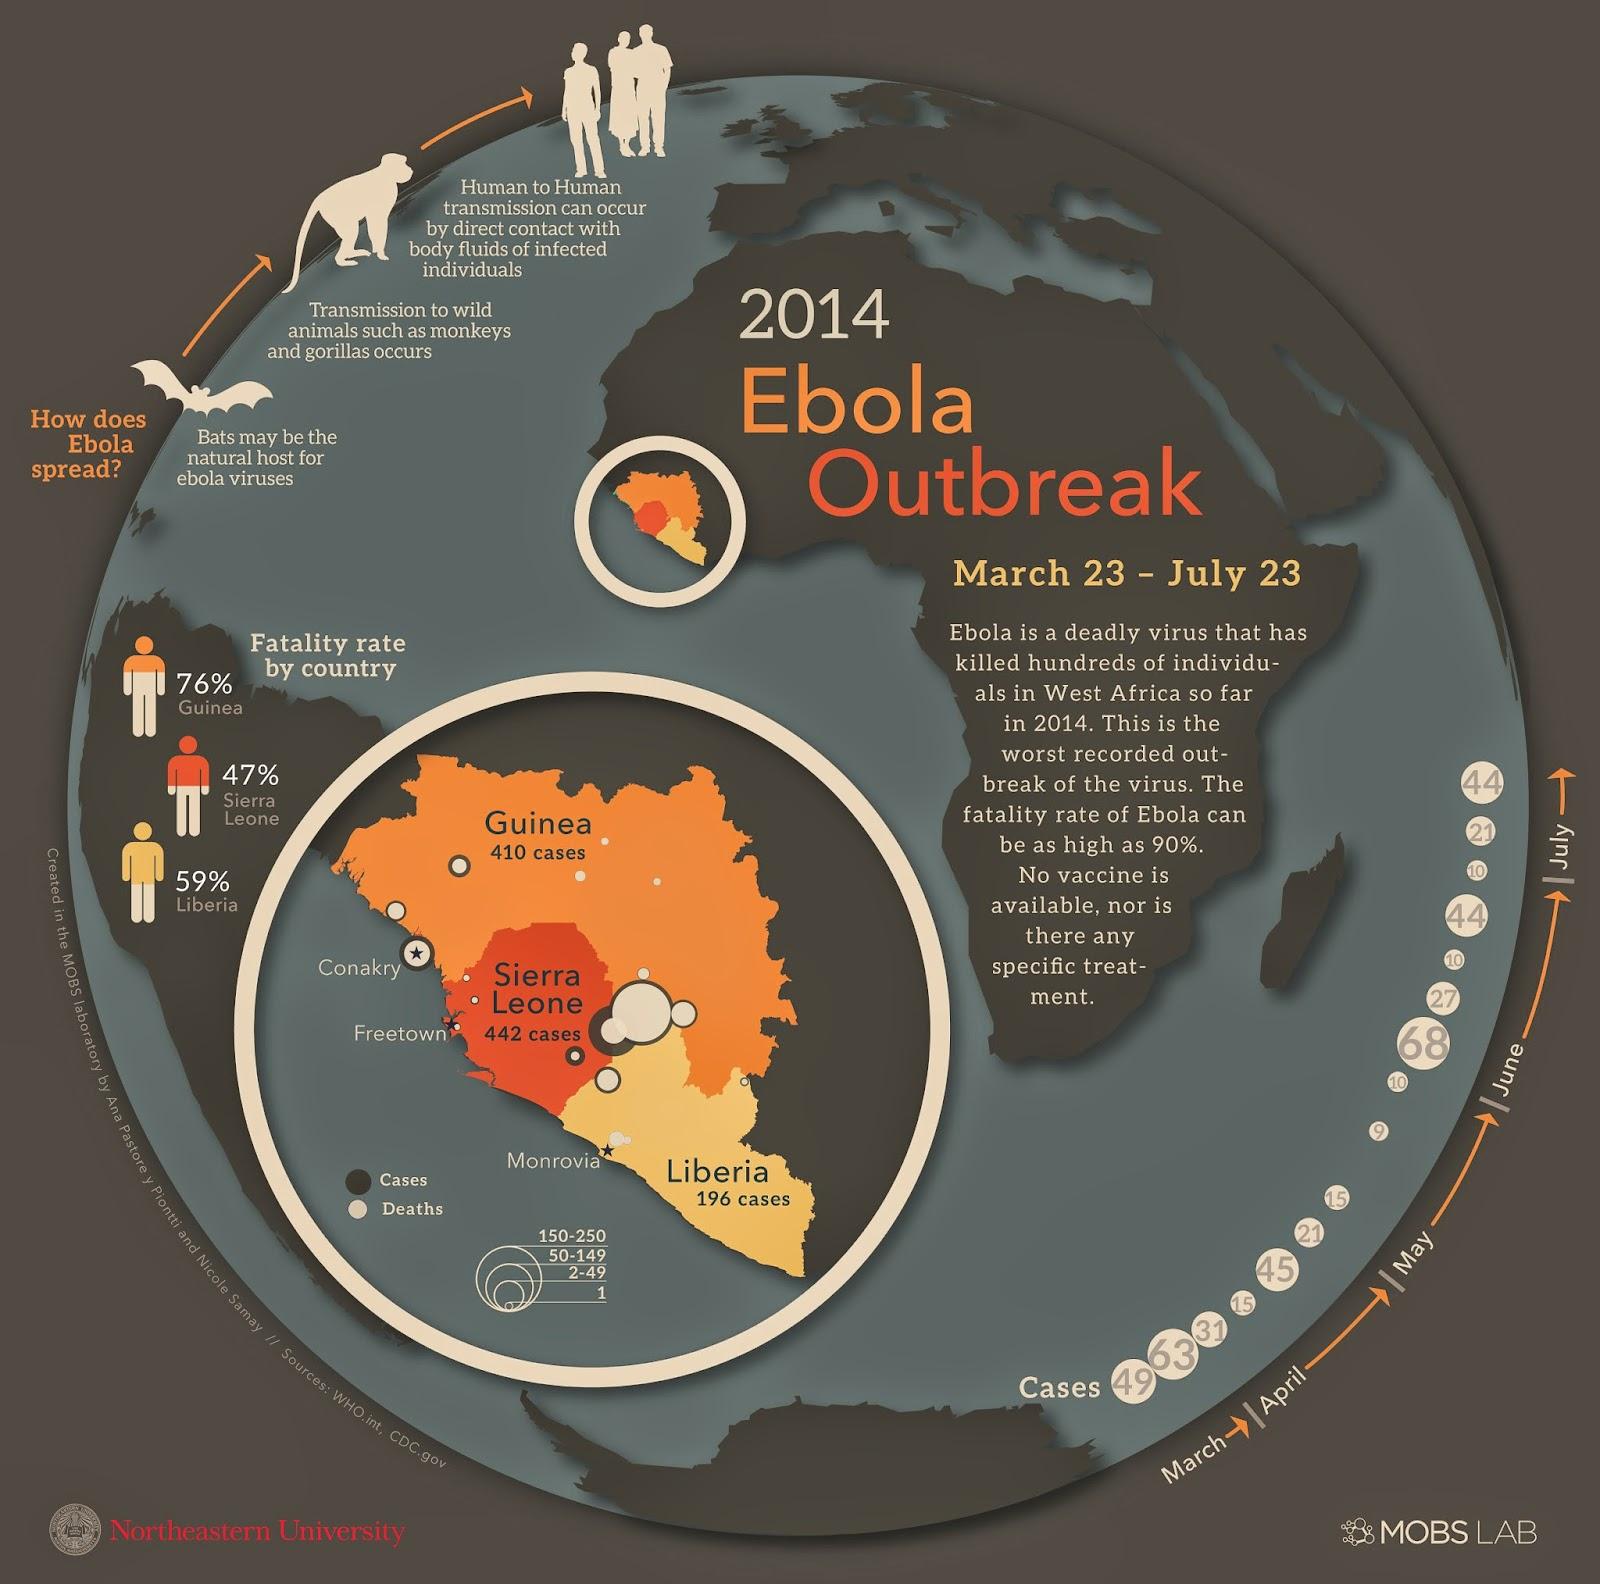 جائحة أو مرض وباء الايبولا القاتل في افريقيا و في العالم 2014 ebola outbreak